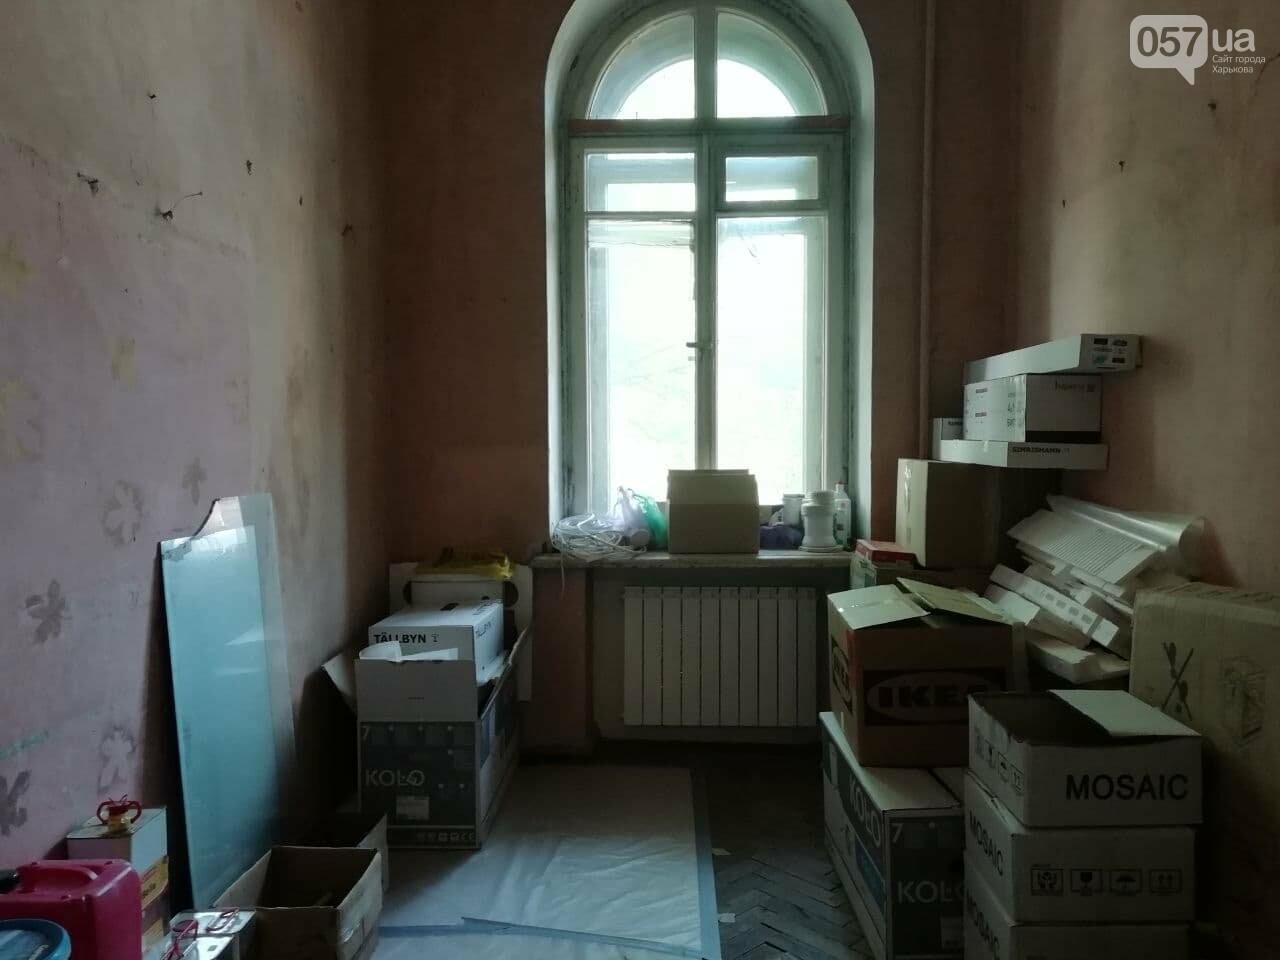 Квартира Шевелева в центра Харькова стала творческой резиденцией, - ФОТО, ВИДЕО, фото-9